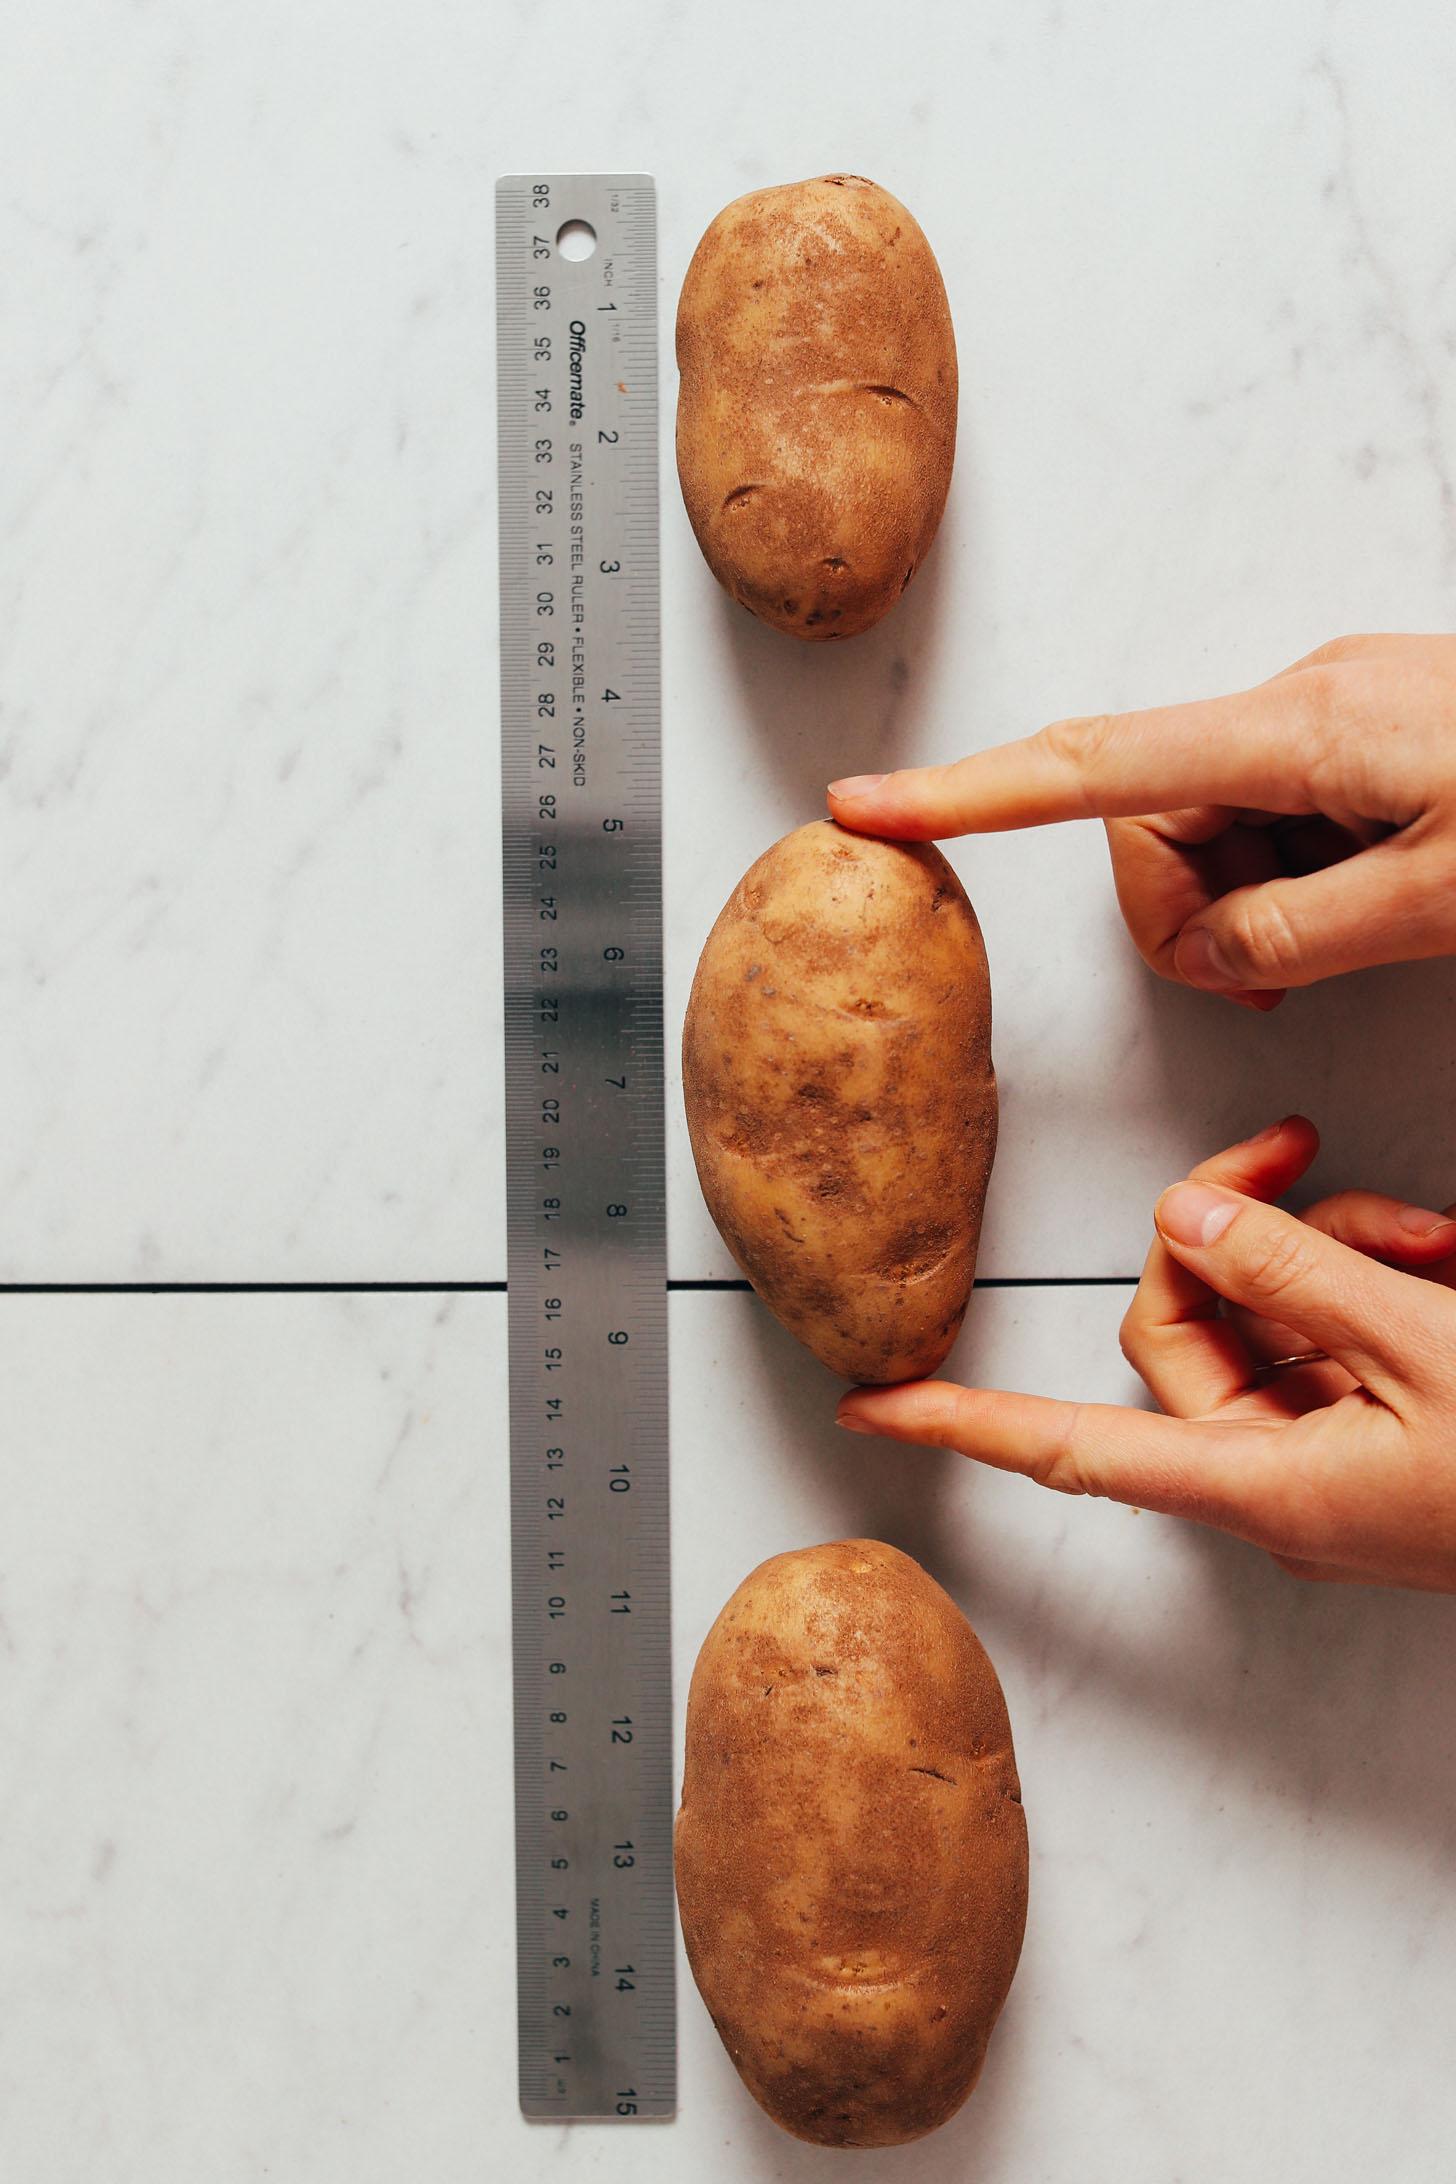 Pommes de terre petites, moyennes et grandes à côté d'une règle pour montrer l'échelle